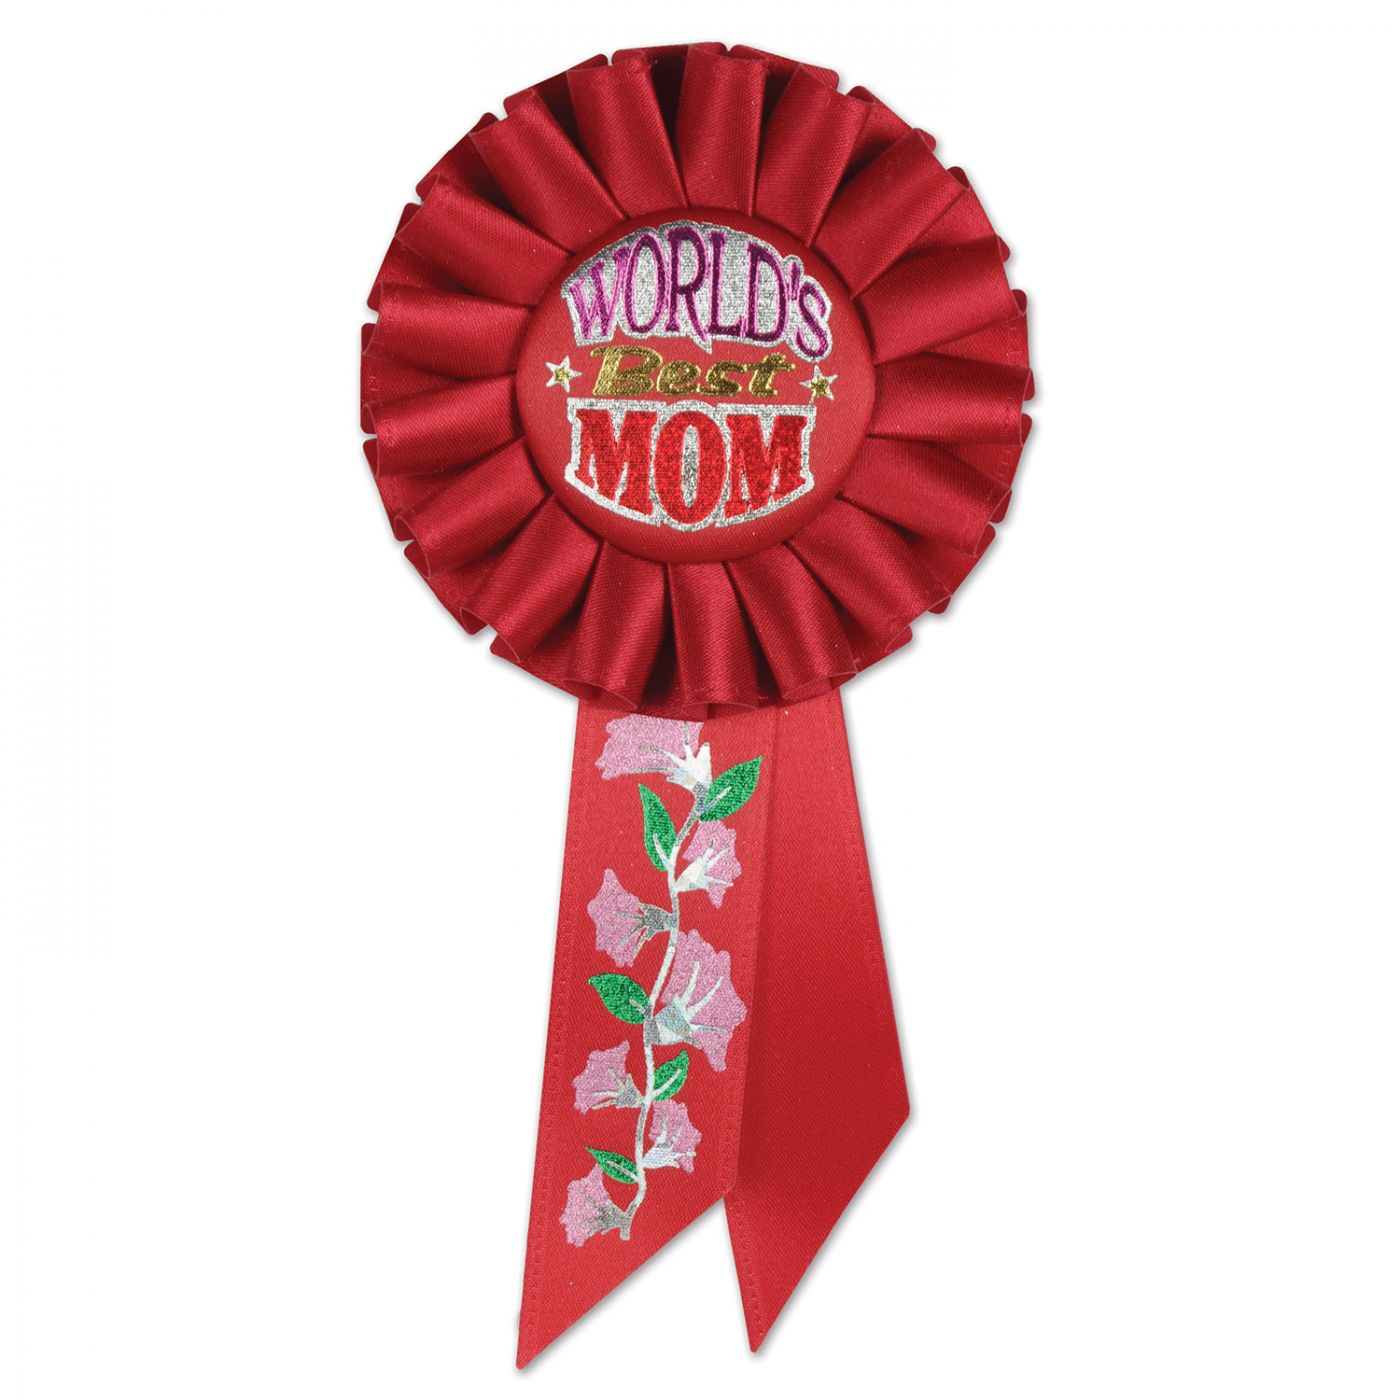 World's Best Mom Rosette (6) image